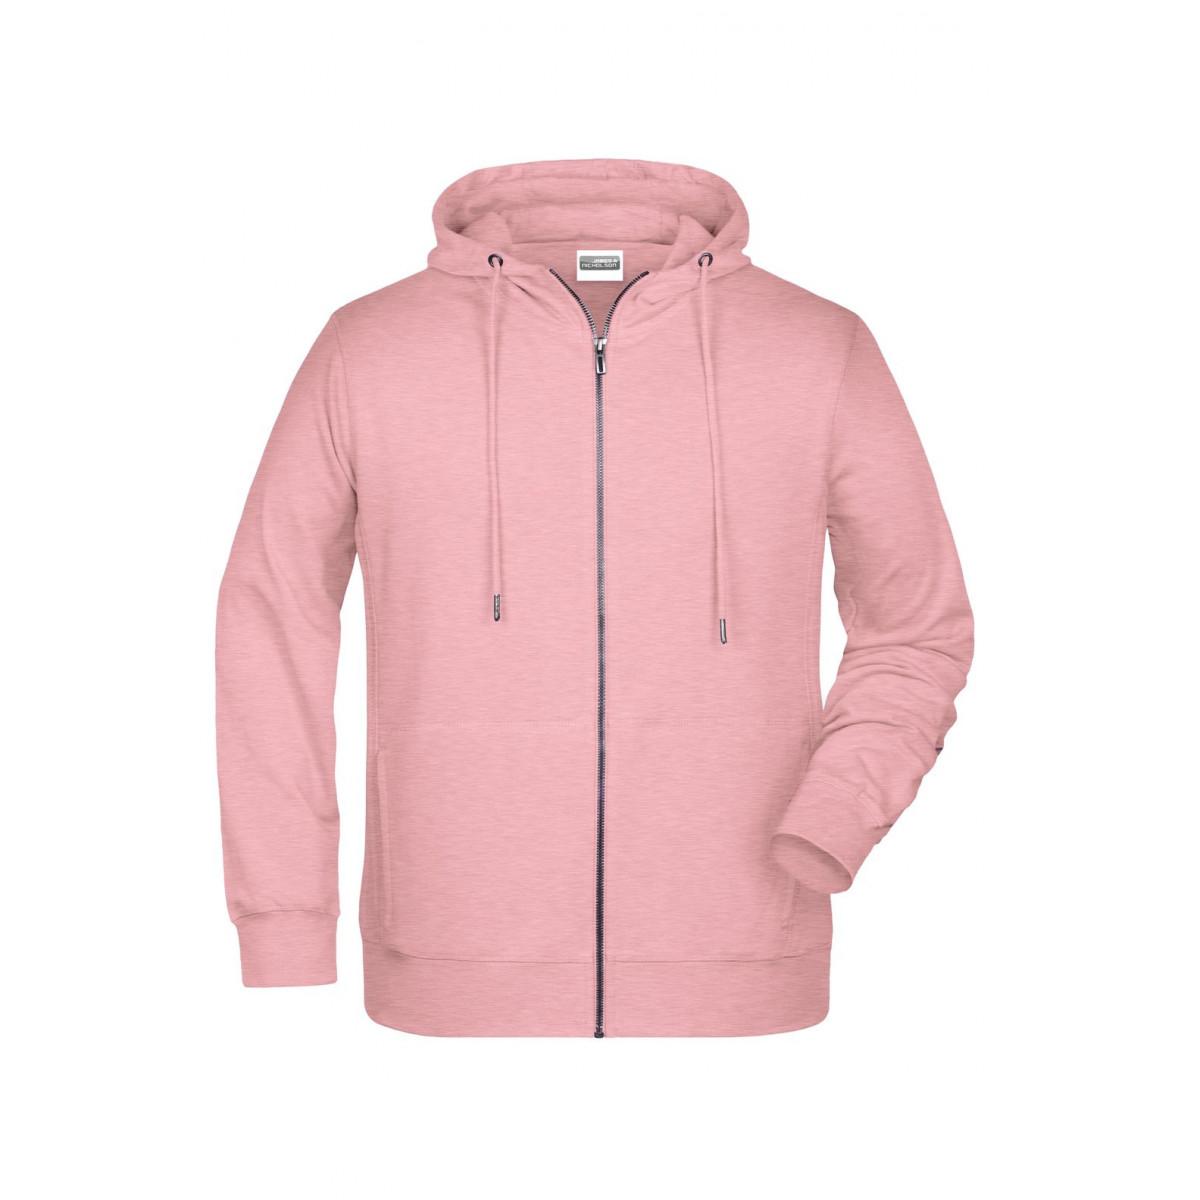 Толстовка мужская 8026 Mens Zip Hoody - Нежно-розовый